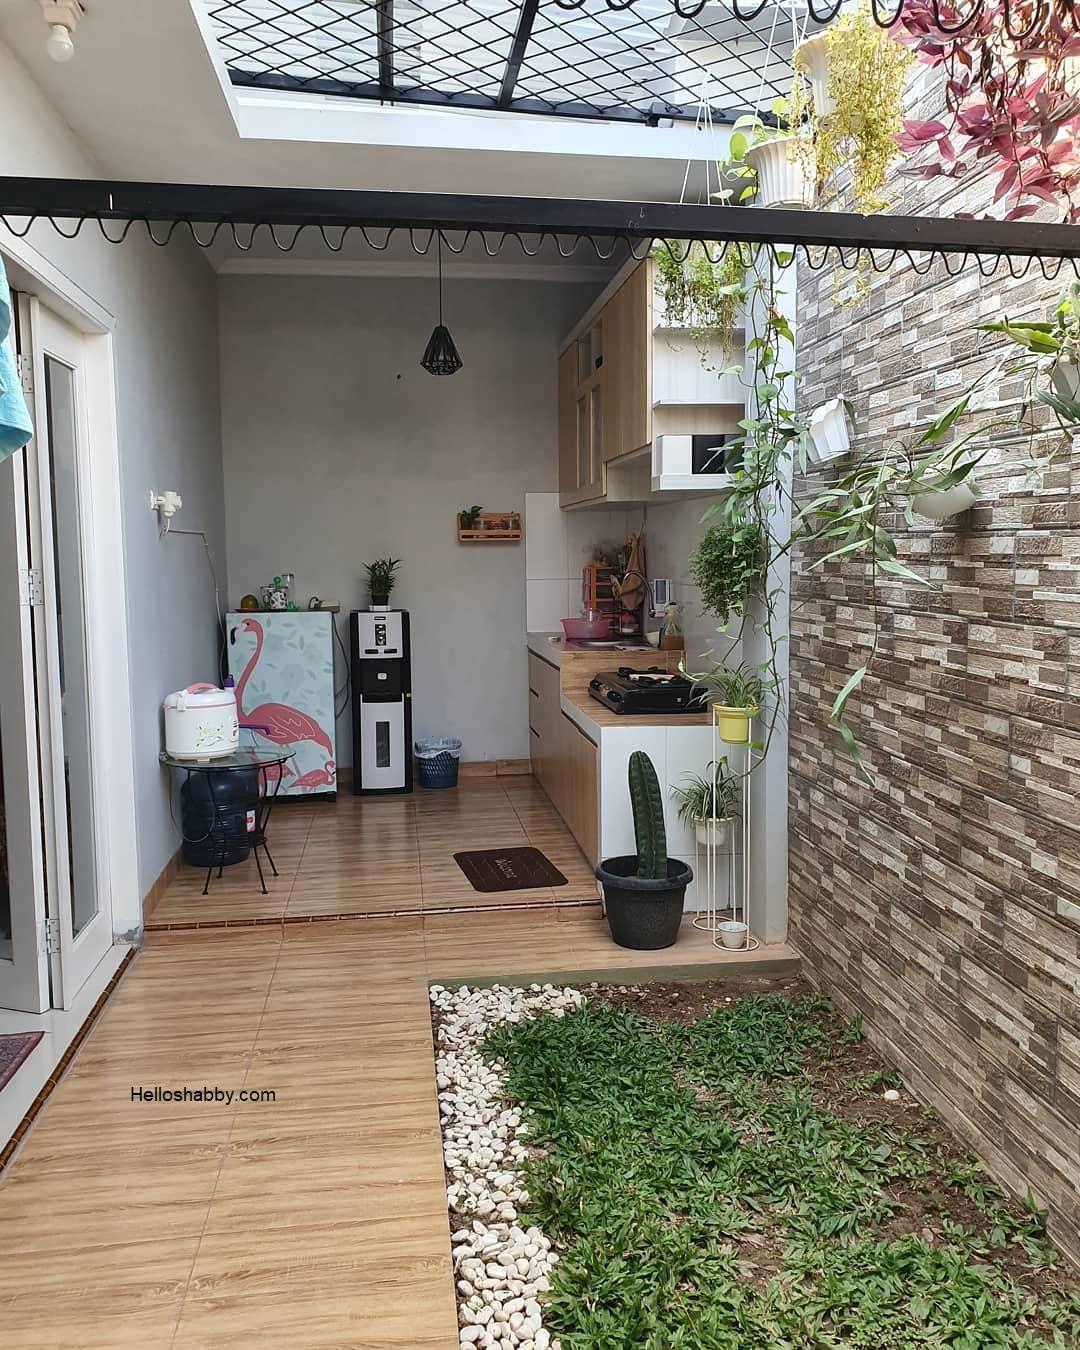 Biar Gak Sumpek Coba Deh Terapkan 10 Desain Dapur Terbuka Belakang Rumah Helloshabby Com Interior And Exterior Solutions Dapur menyatu dengan taman belakang